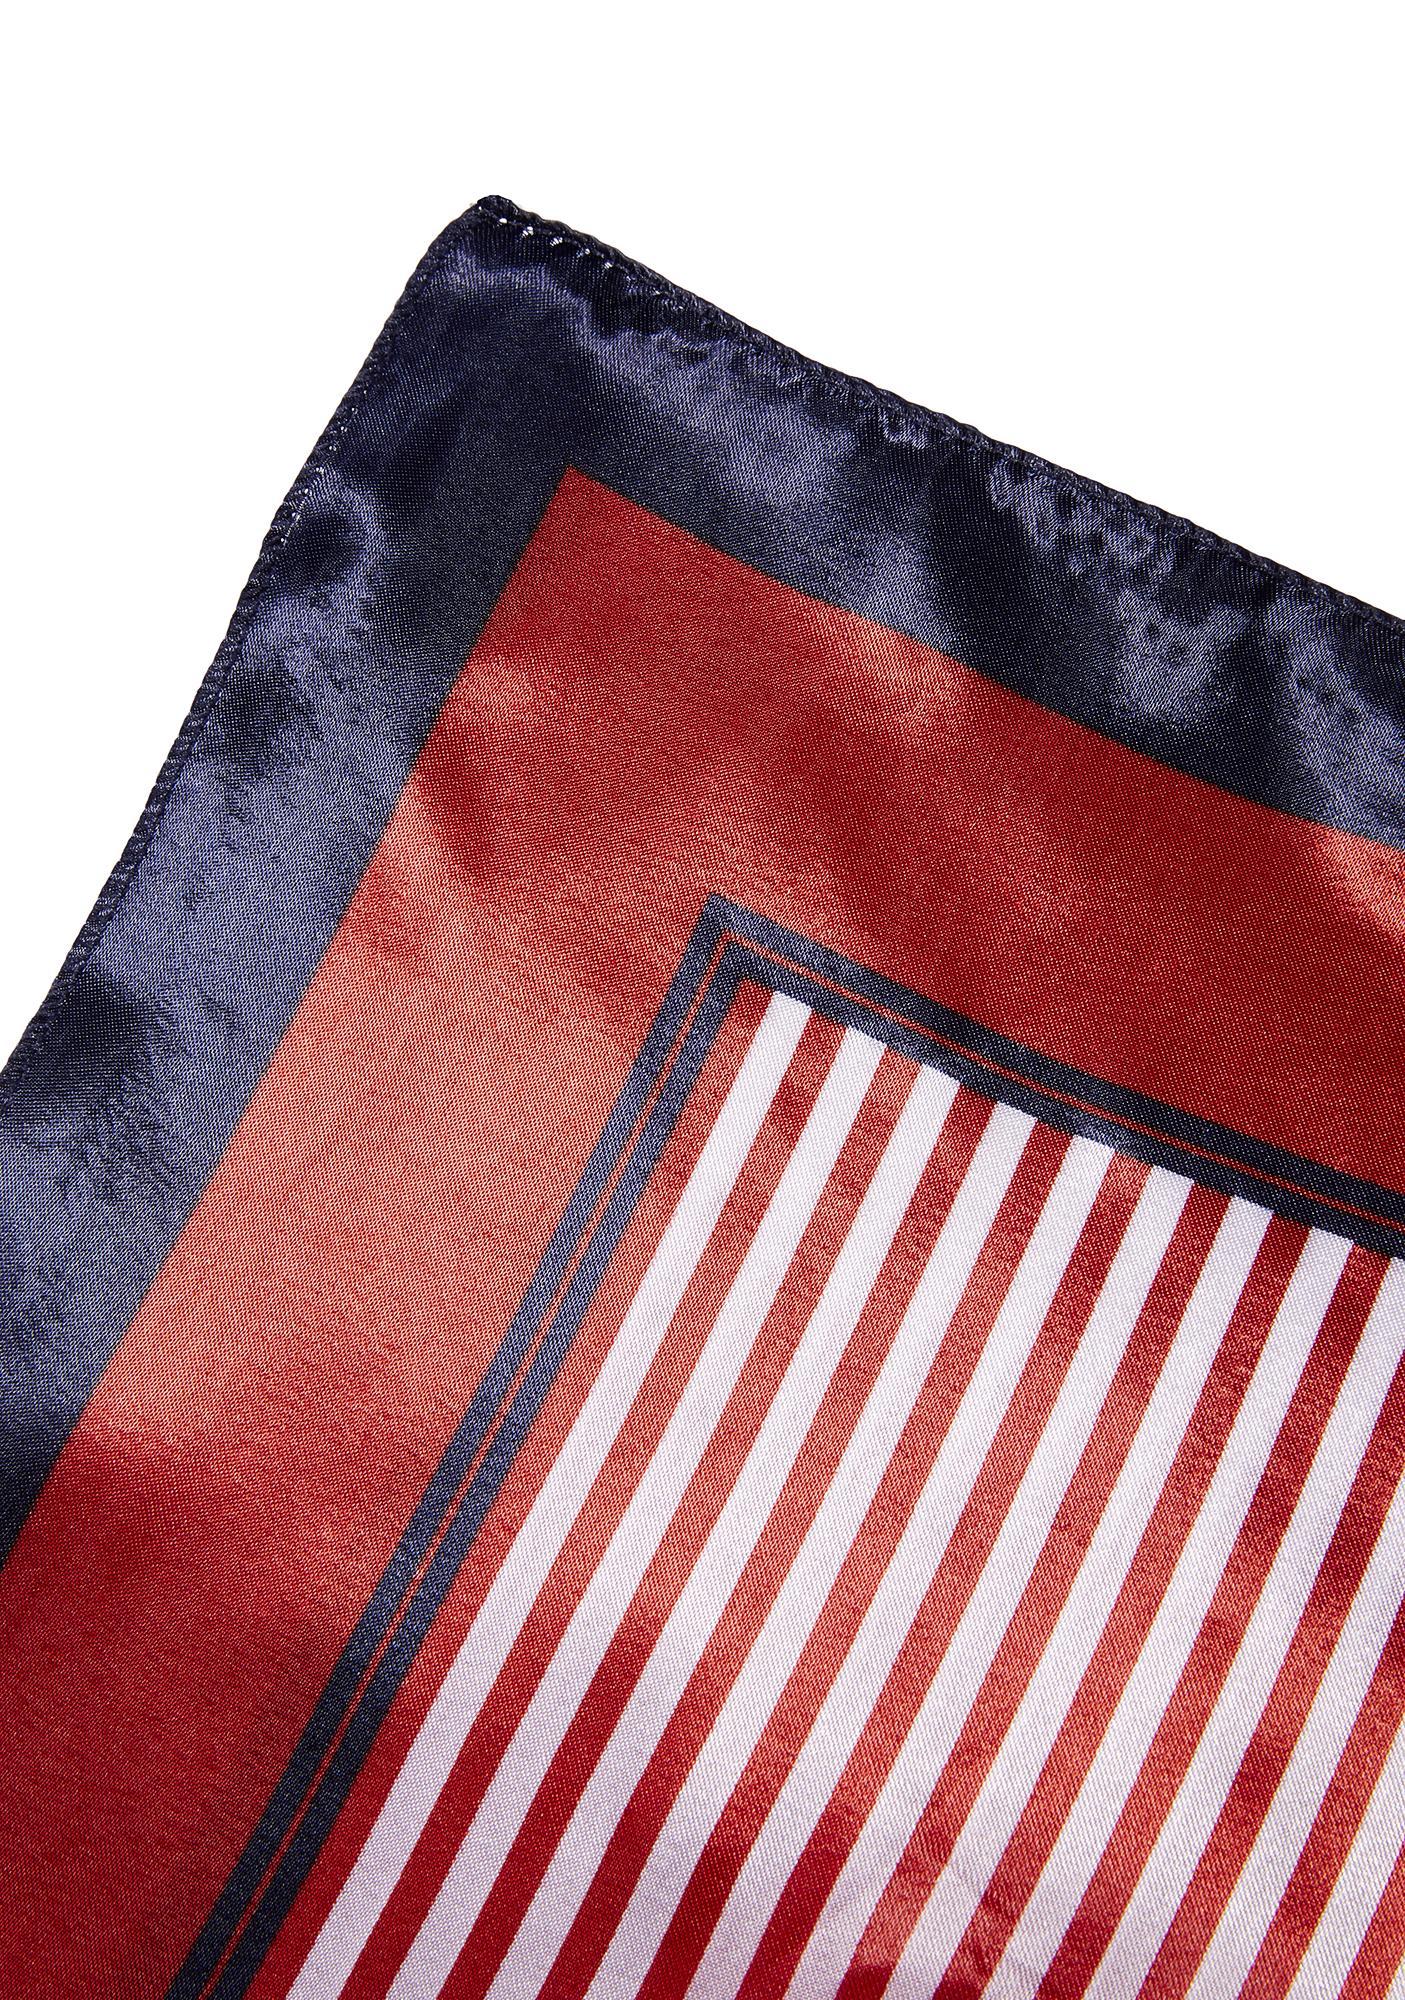 Striped Square Scarf